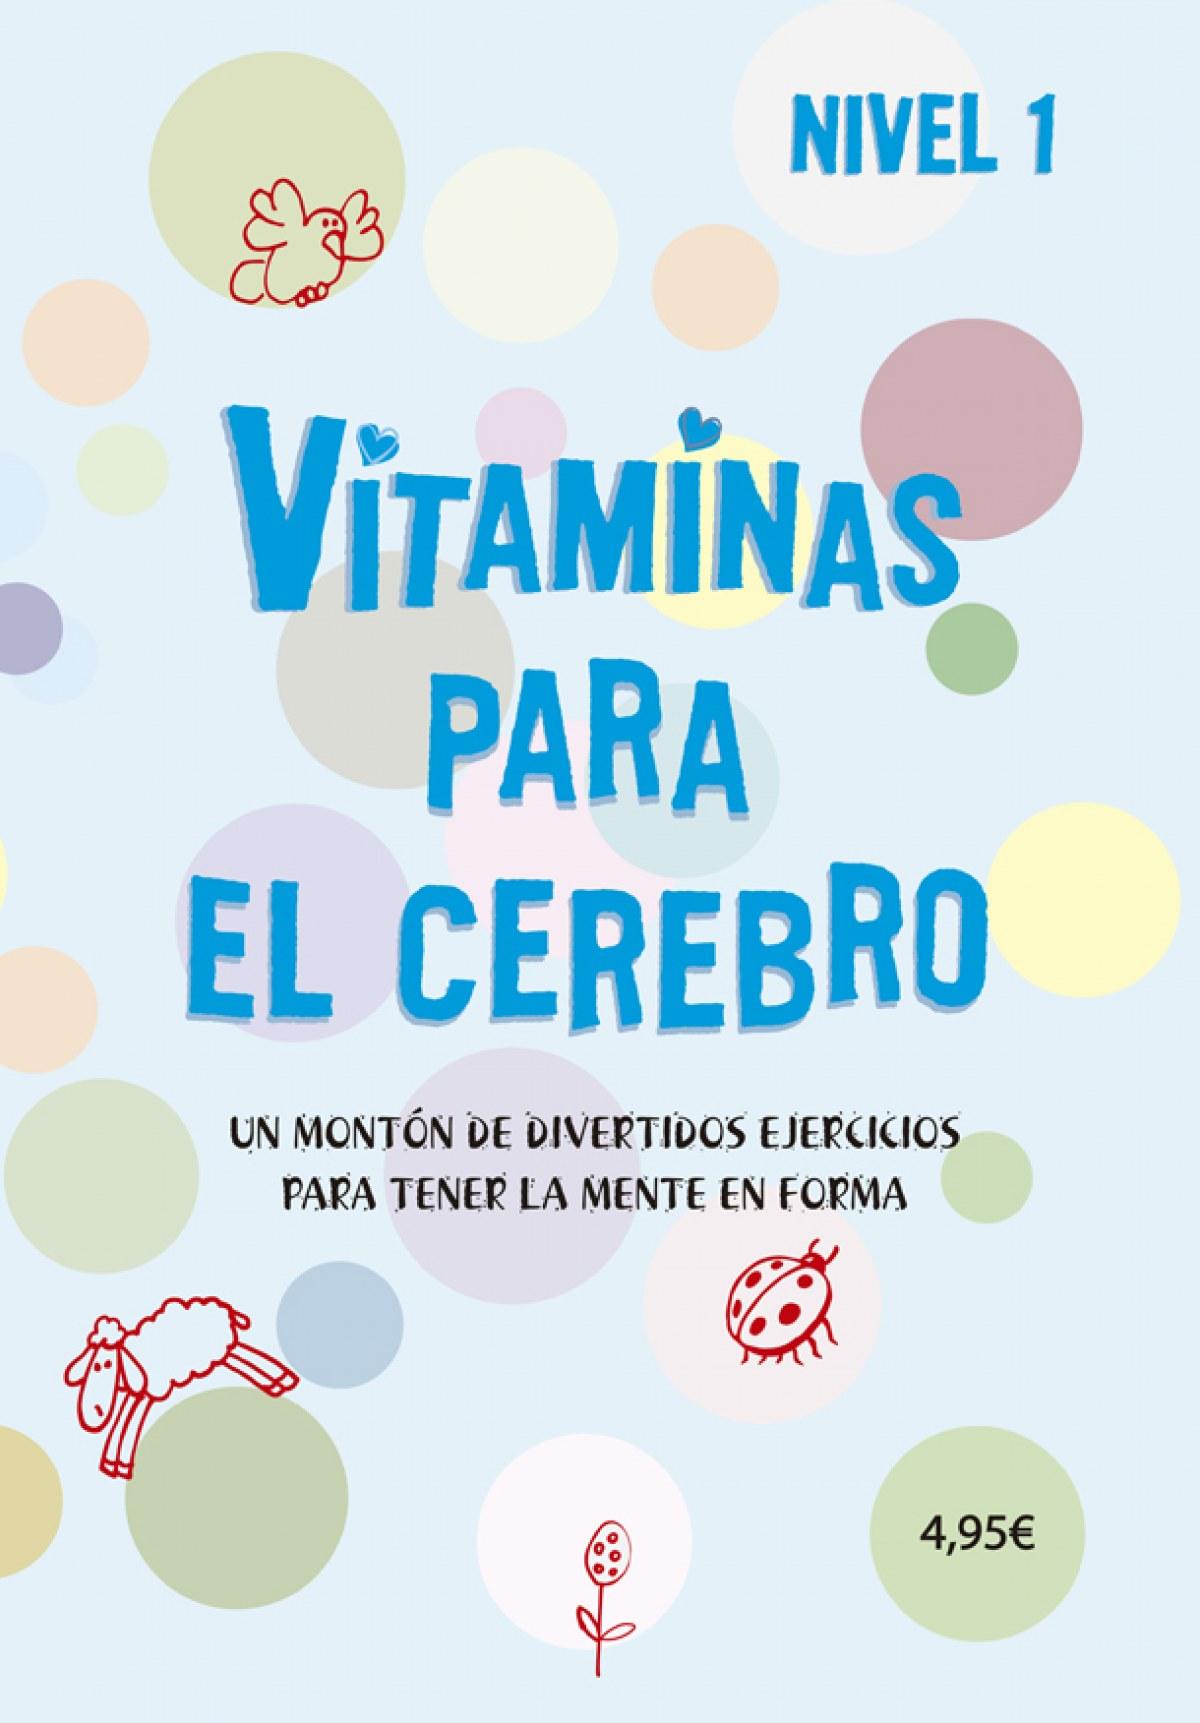 Vitaminas para el cerebro 1